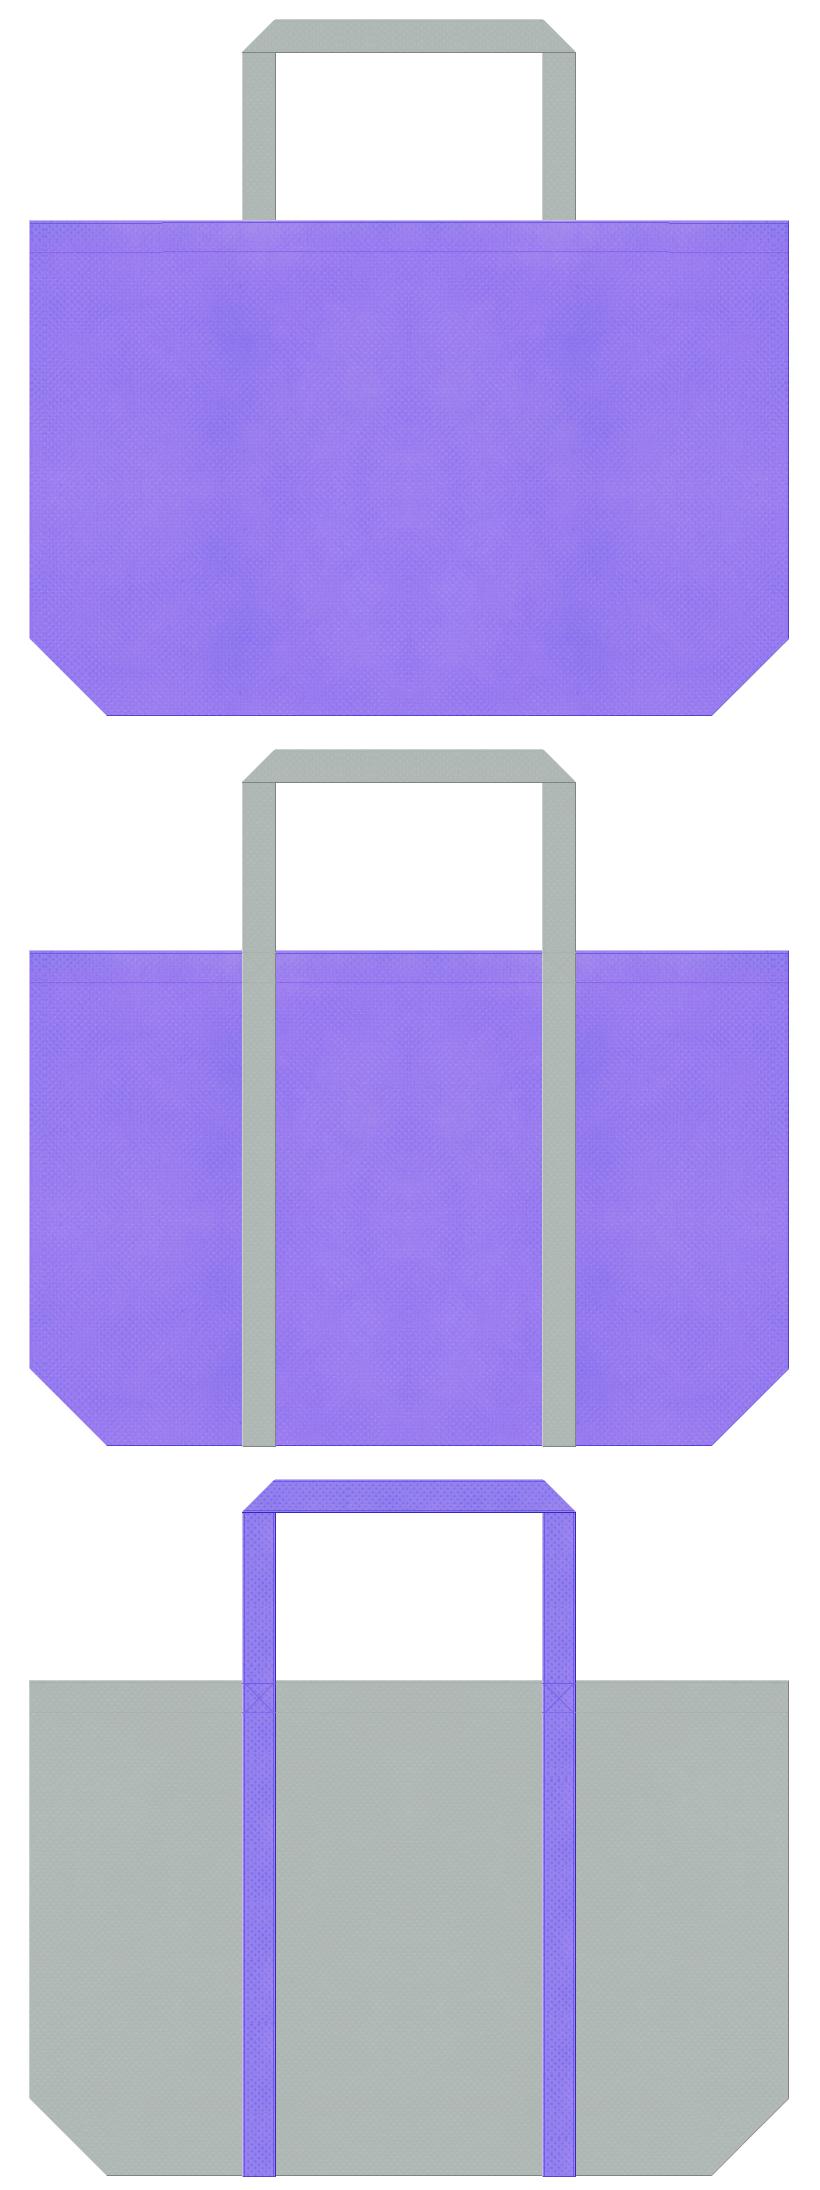 不織布ショッピングバッグ:薄紫色とグレー色のデザイン